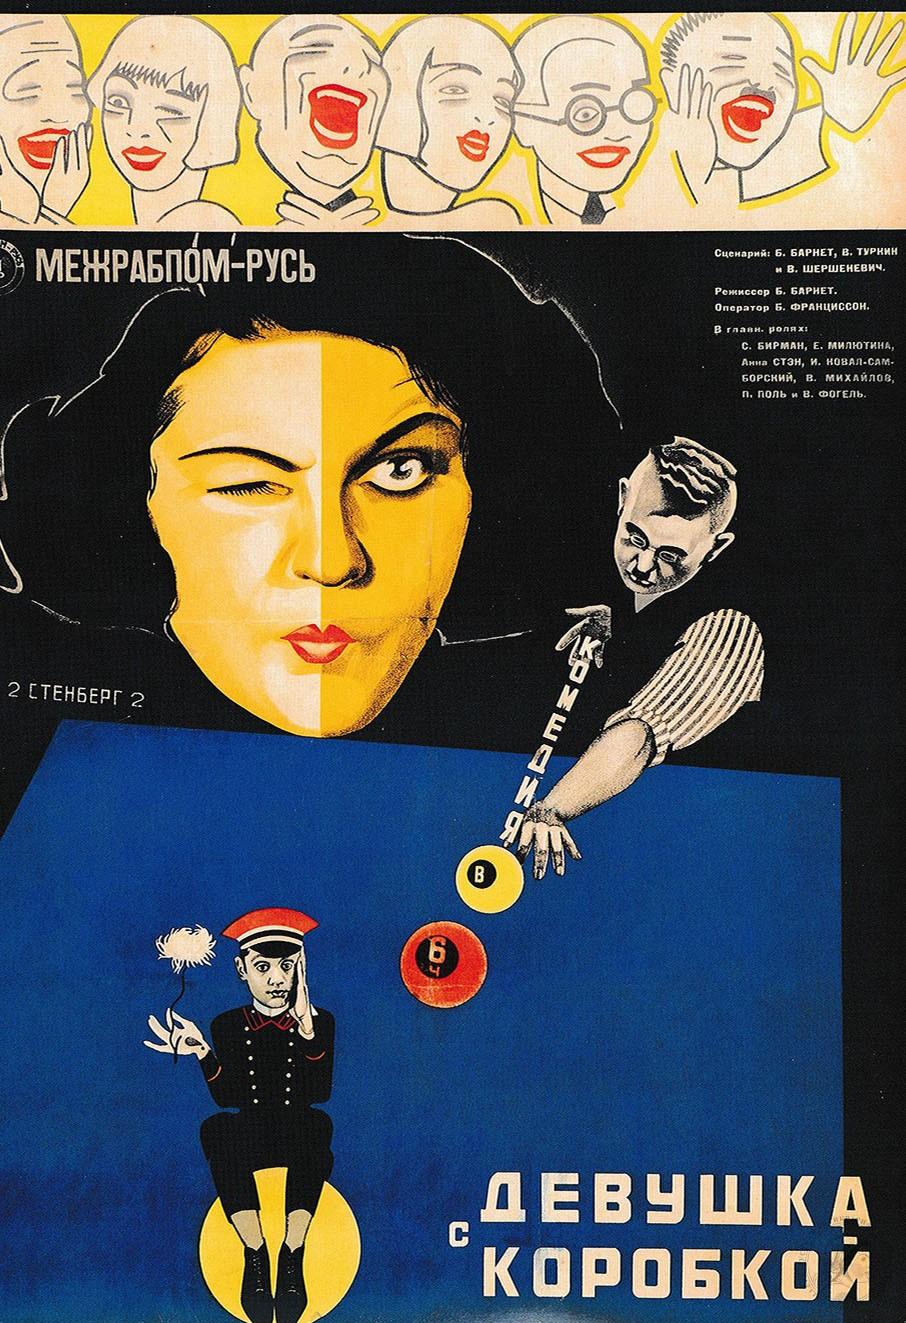 Советские киноплакаты 1920-х годов